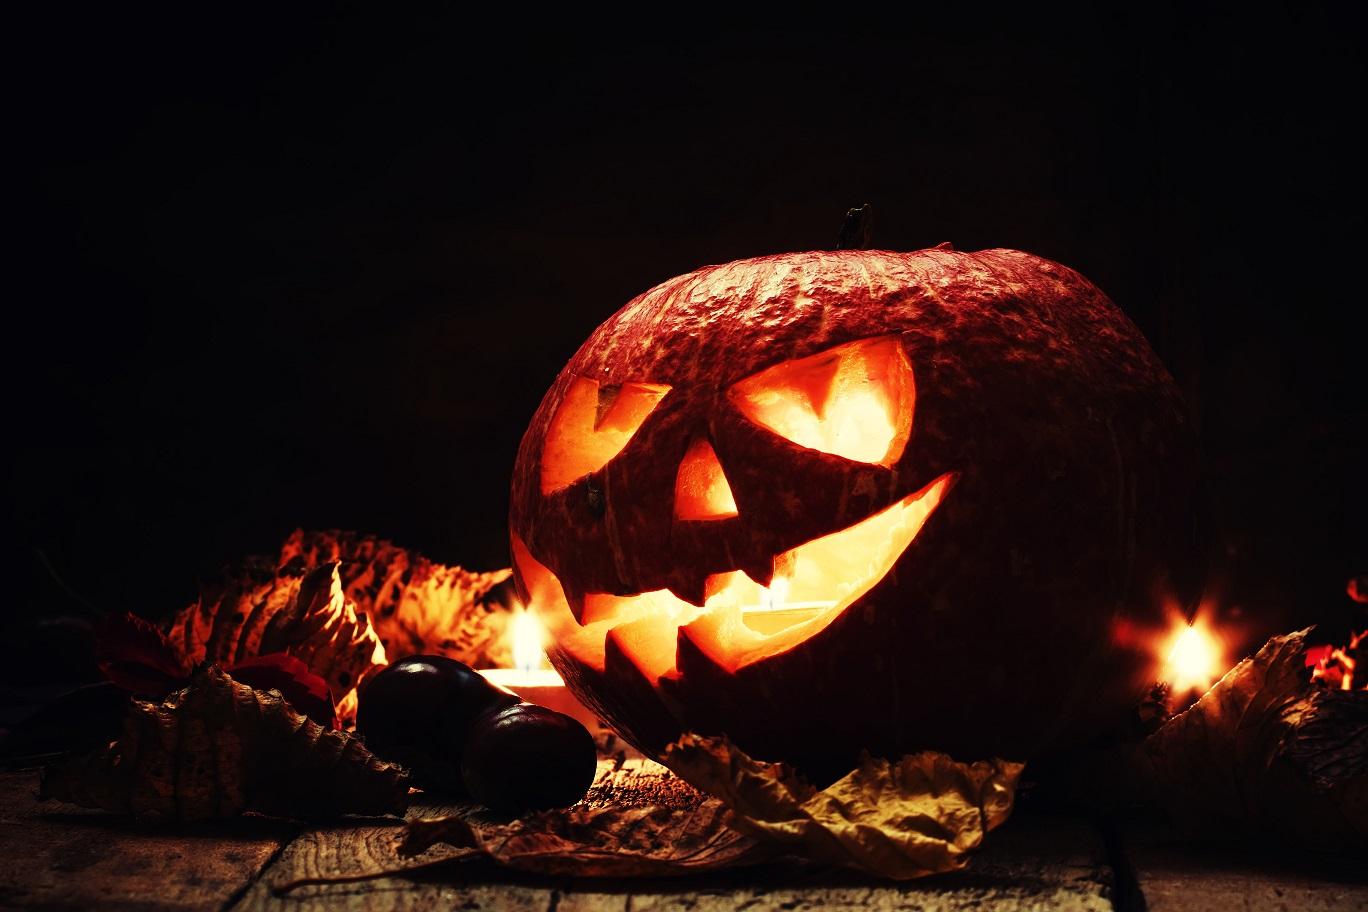 Halloween pumpkin, dark wooden background, selective focus